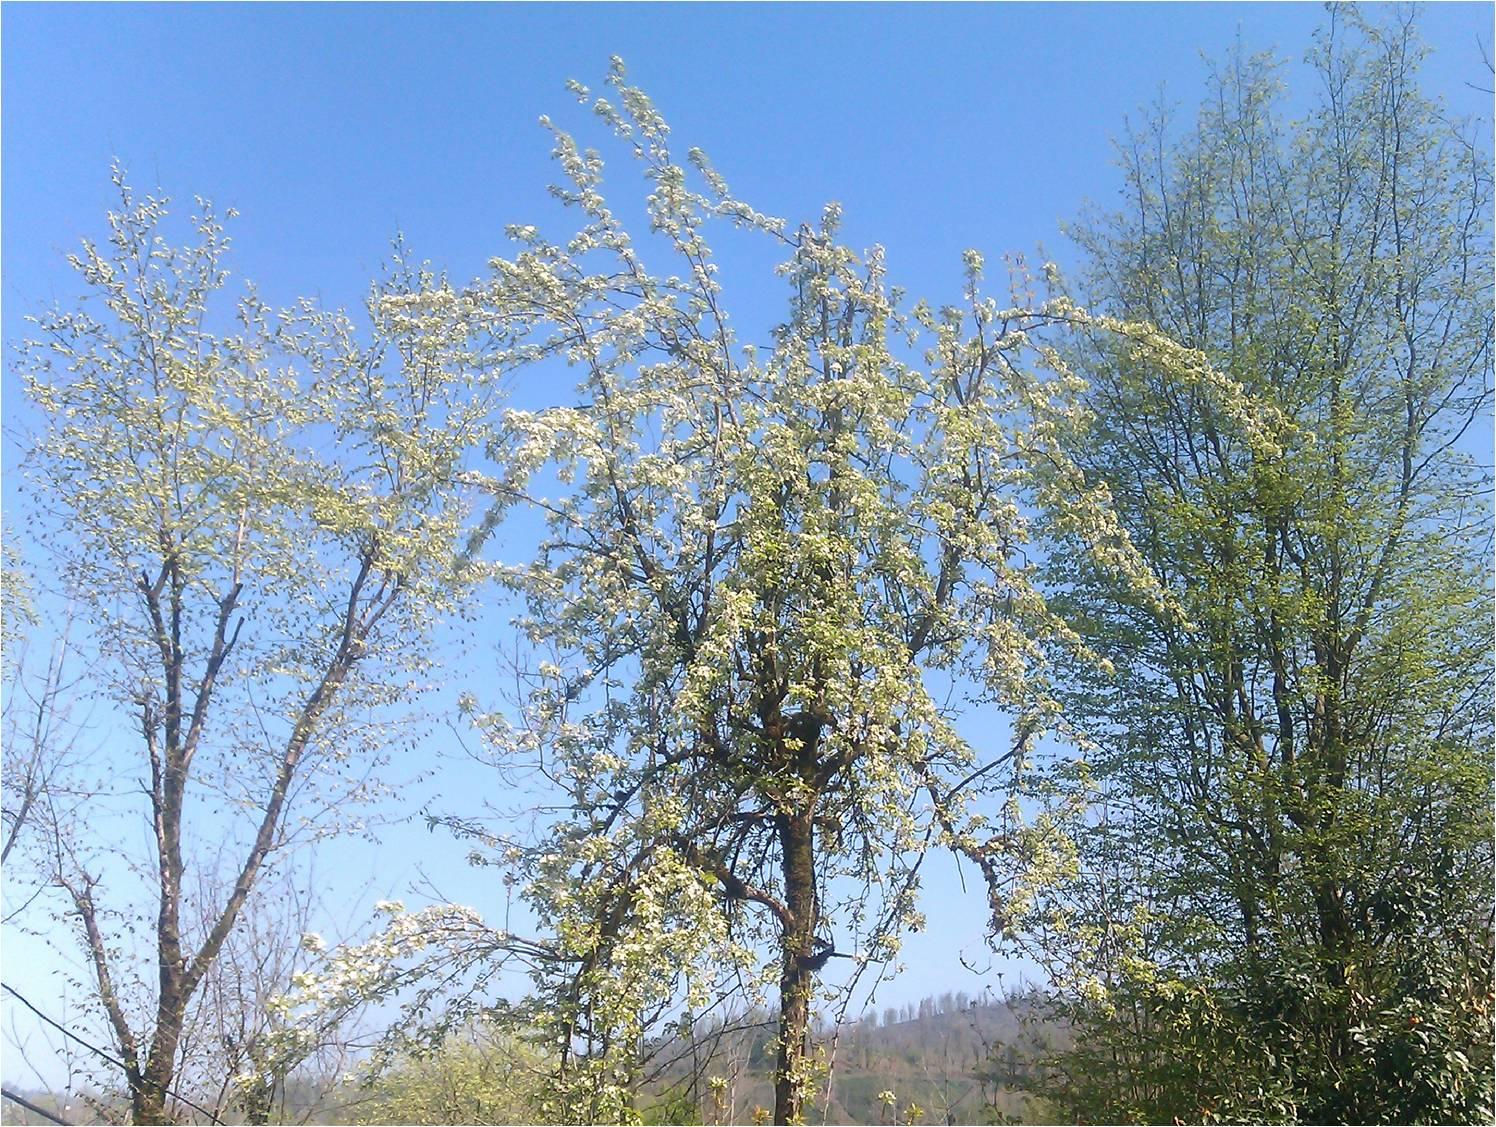 شکوفه گلابی بهمراه درخت گلابی